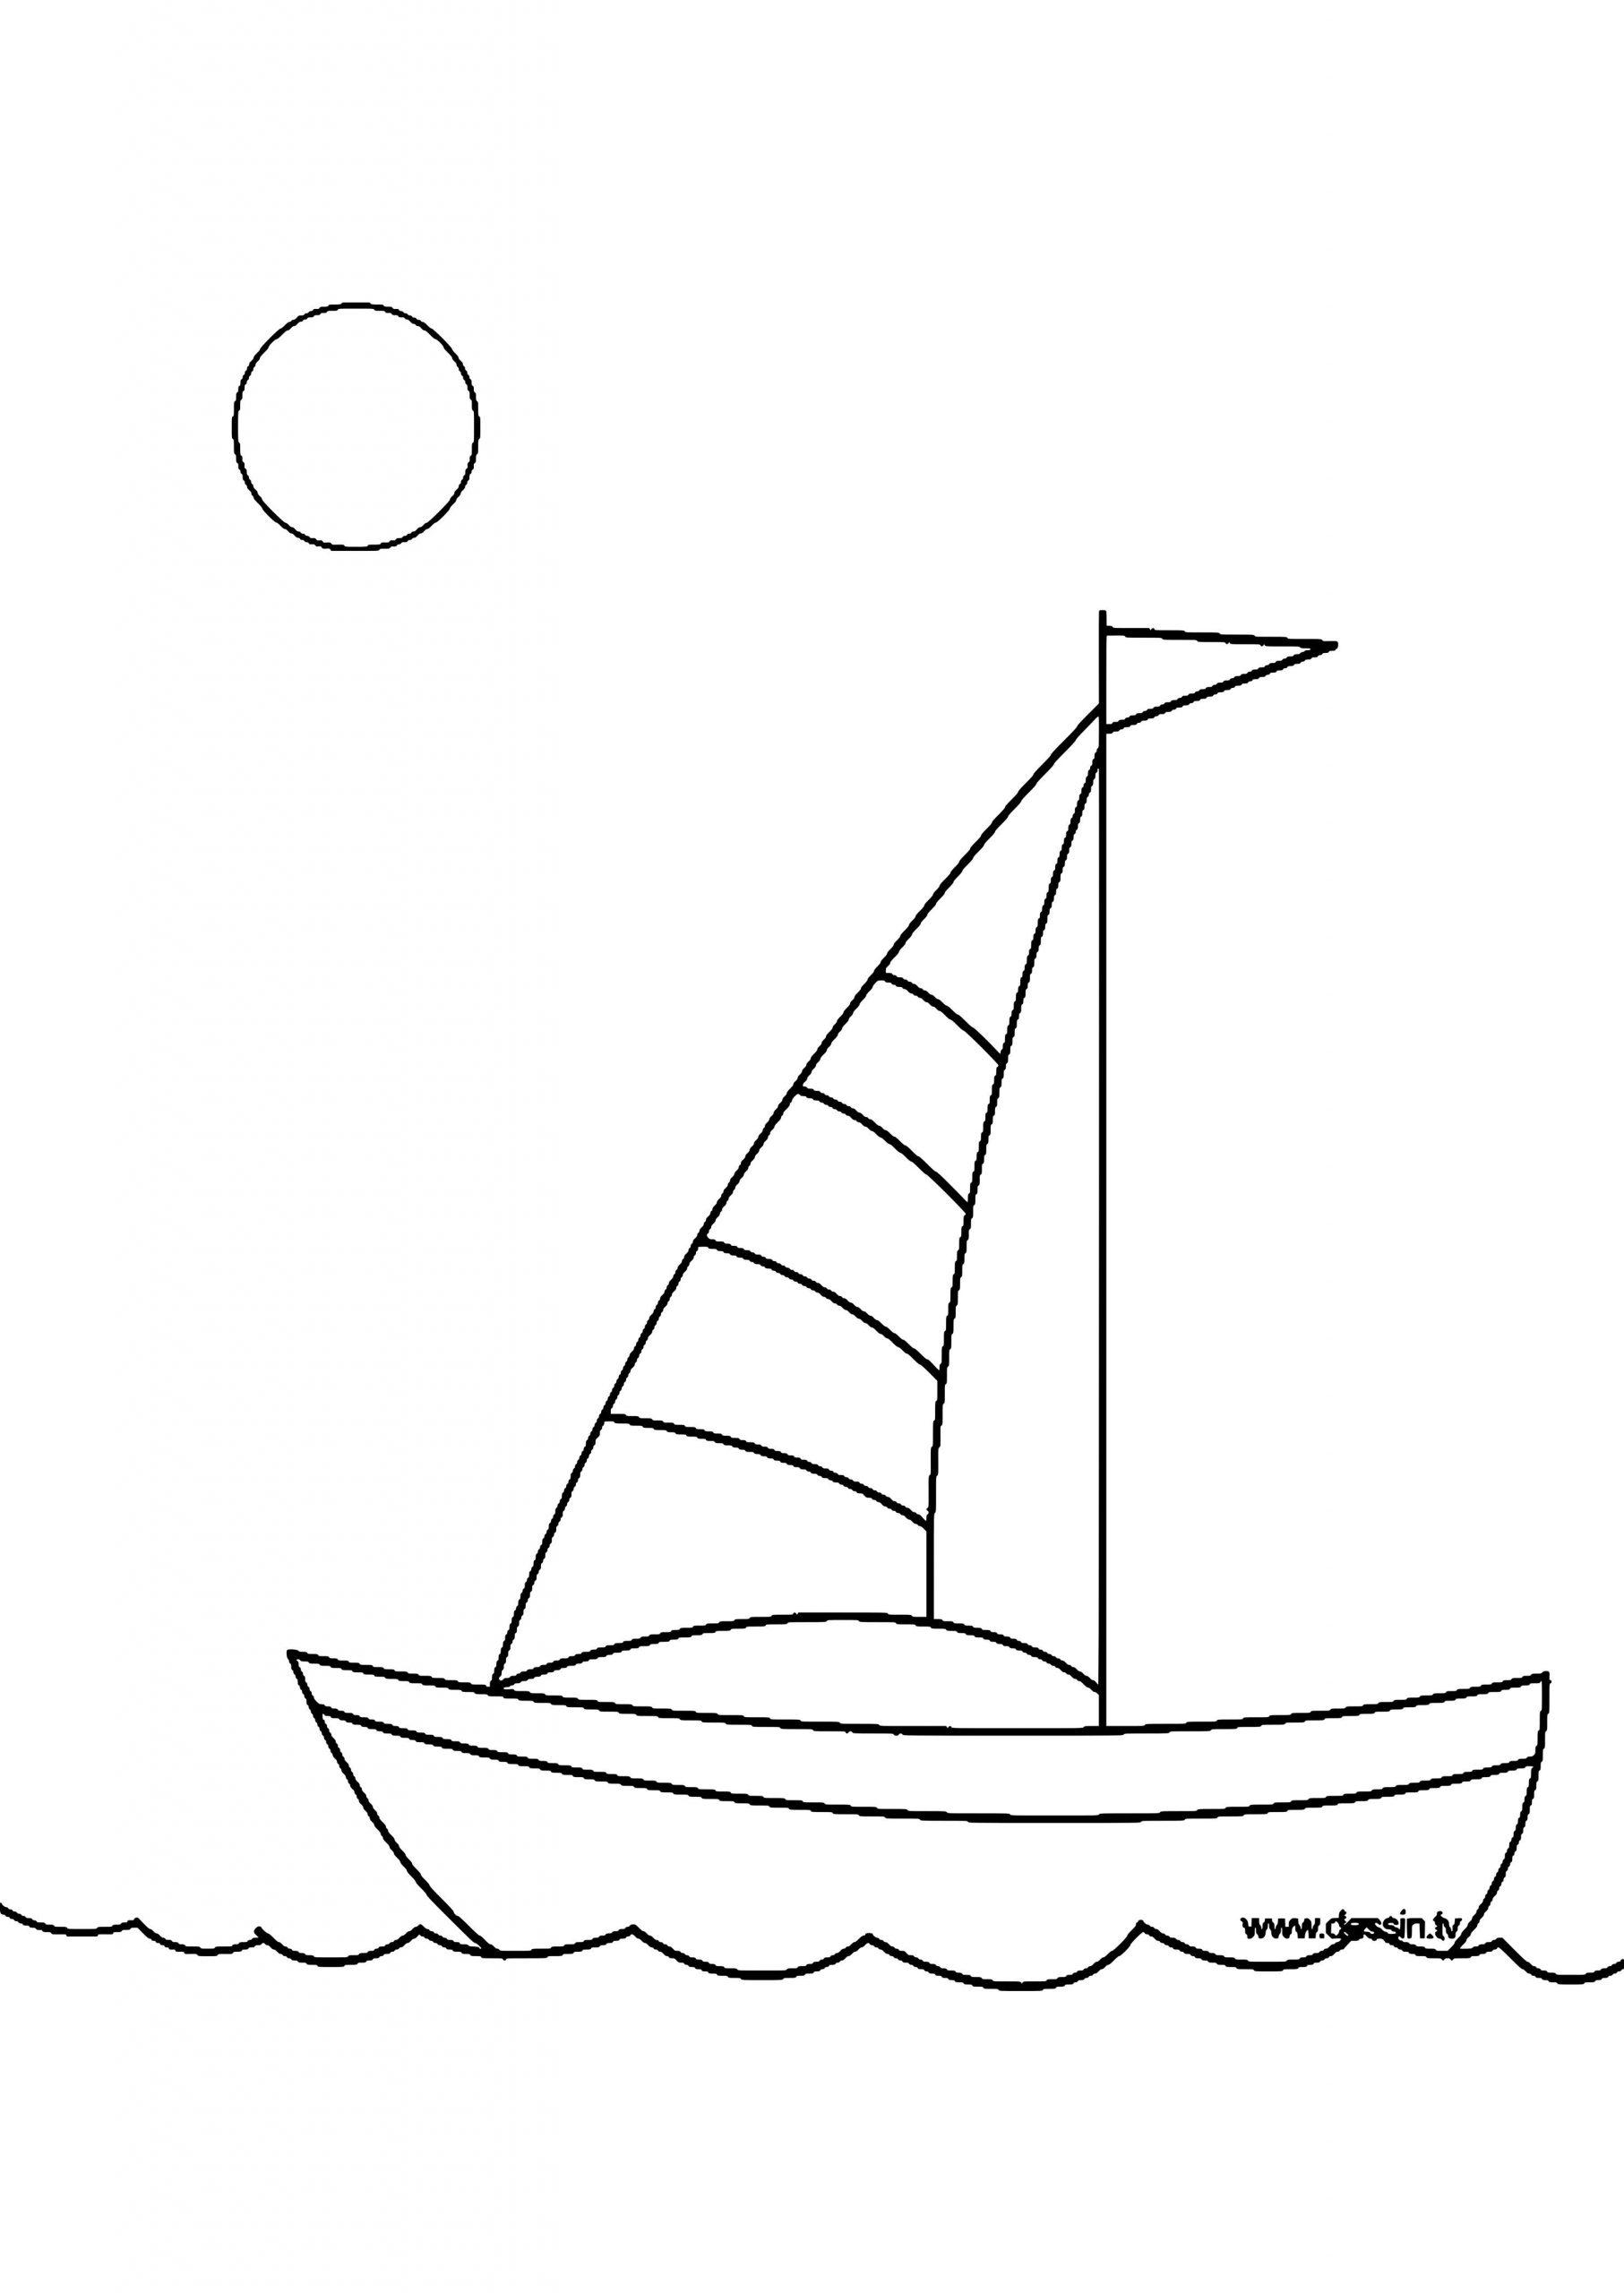 Neu Ausmalbilder Schiff | Ausmalbilder, Ausmalbilder Kinder in Ausmalbild Schiff